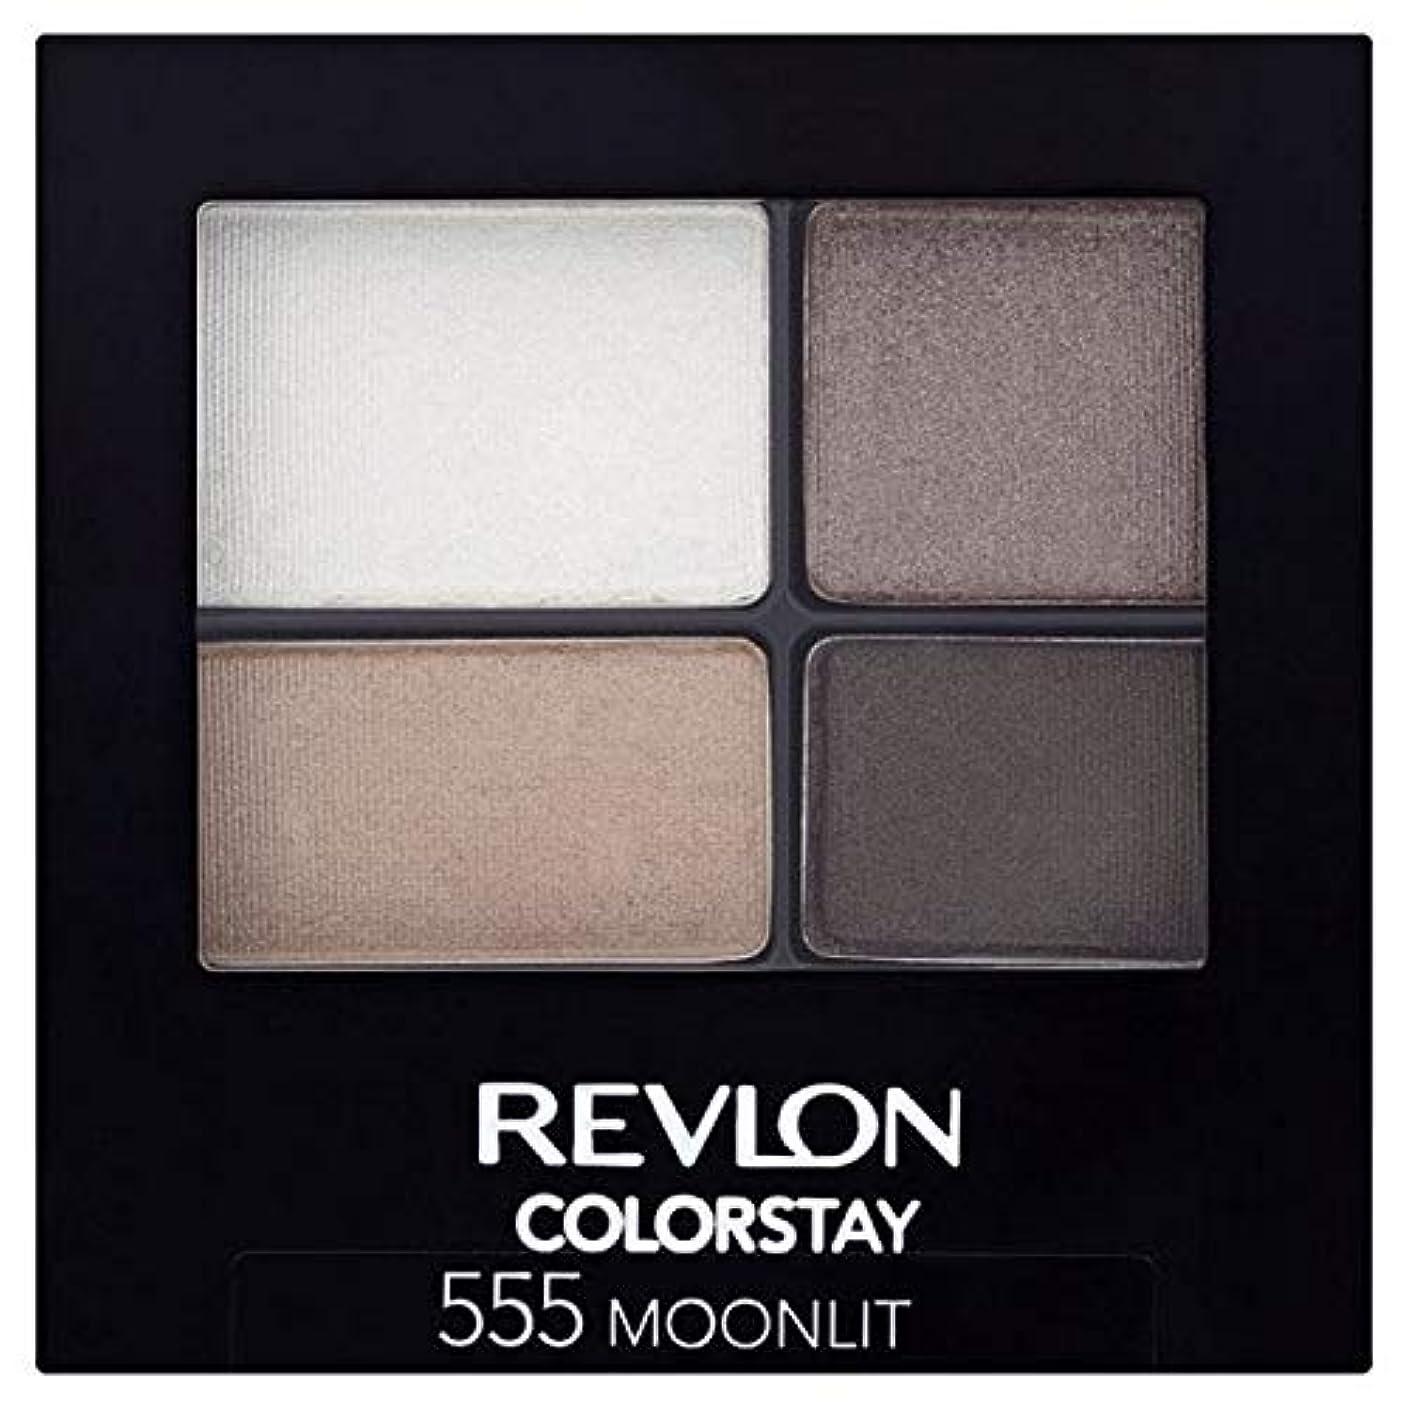 襟観点スラム街[Revlon ] レブロンColorstay 16時間のアイシャドウは555月光 - Revlon Colorstay 16 Hour Eye Shadow Moonlight 555 [並行輸入品]